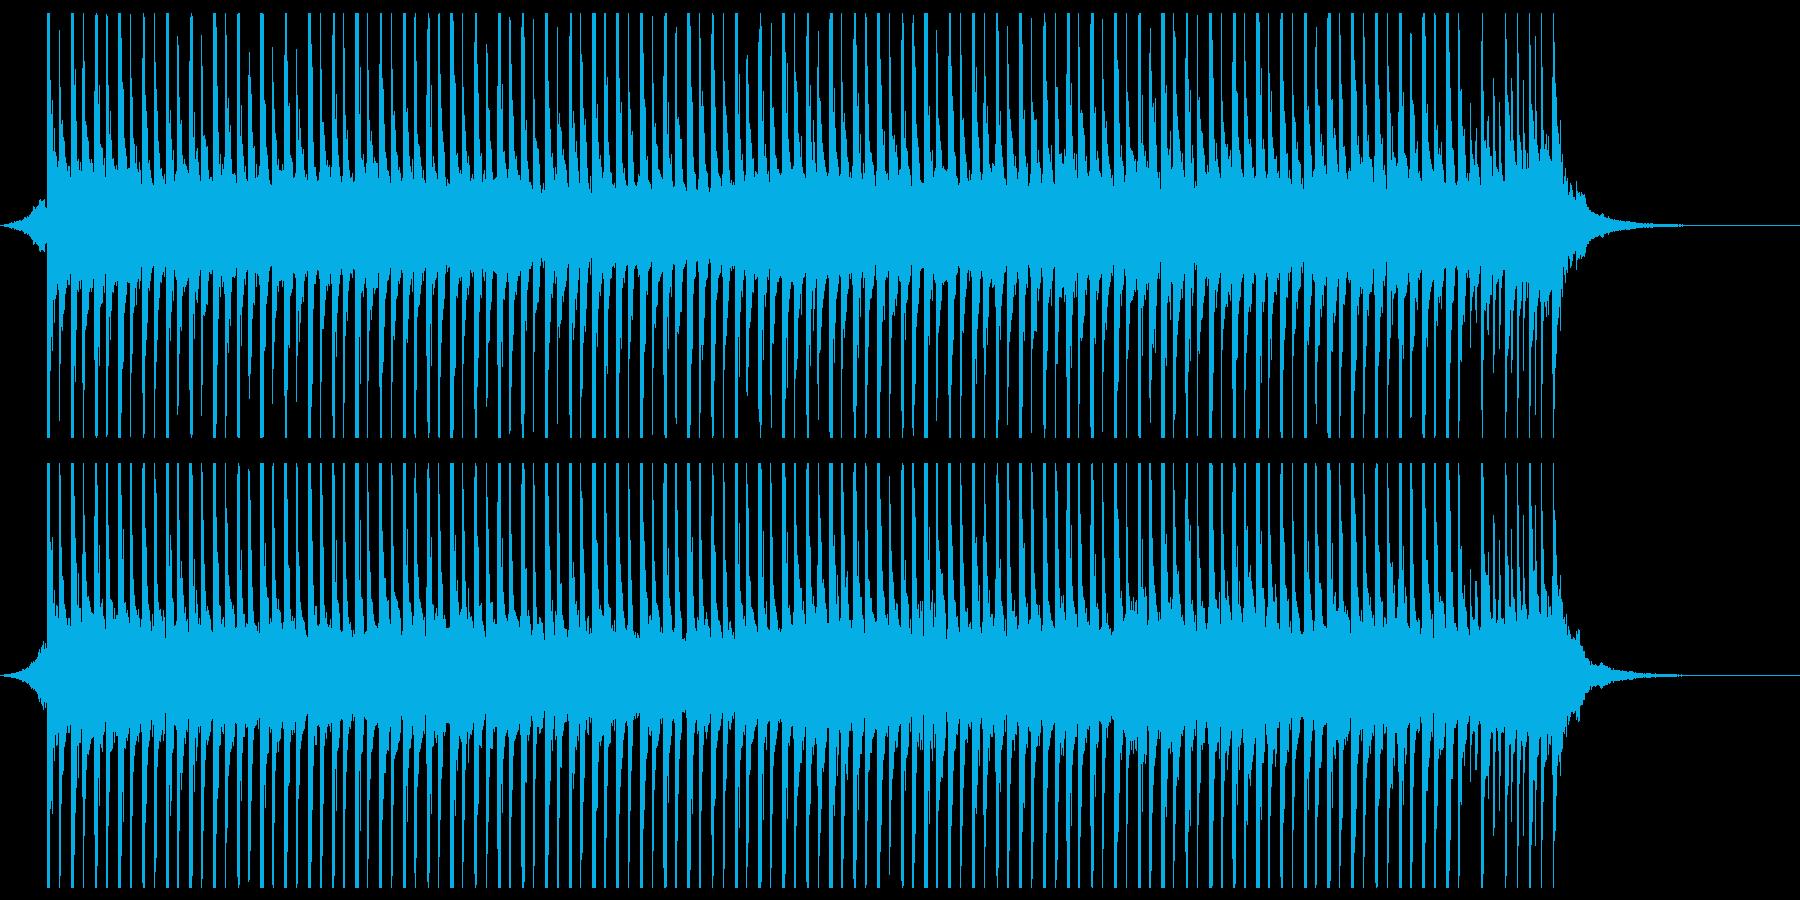 旅行(36秒)の再生済みの波形